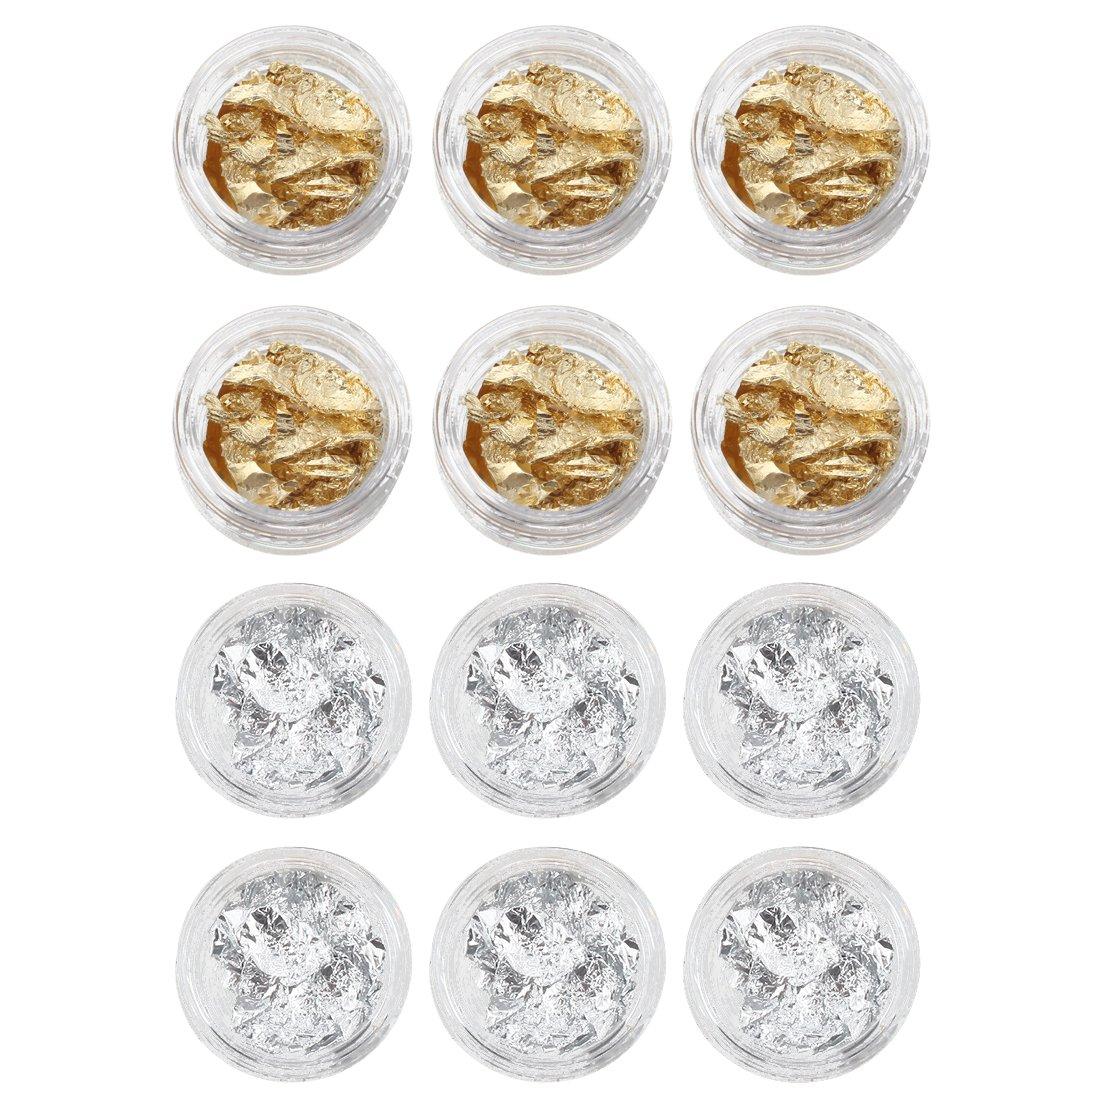 TOOGOO(R)12 PCS Feuilles/Paillettes d'or et argent de ongles/Nail Art/Gel UV francais 028706